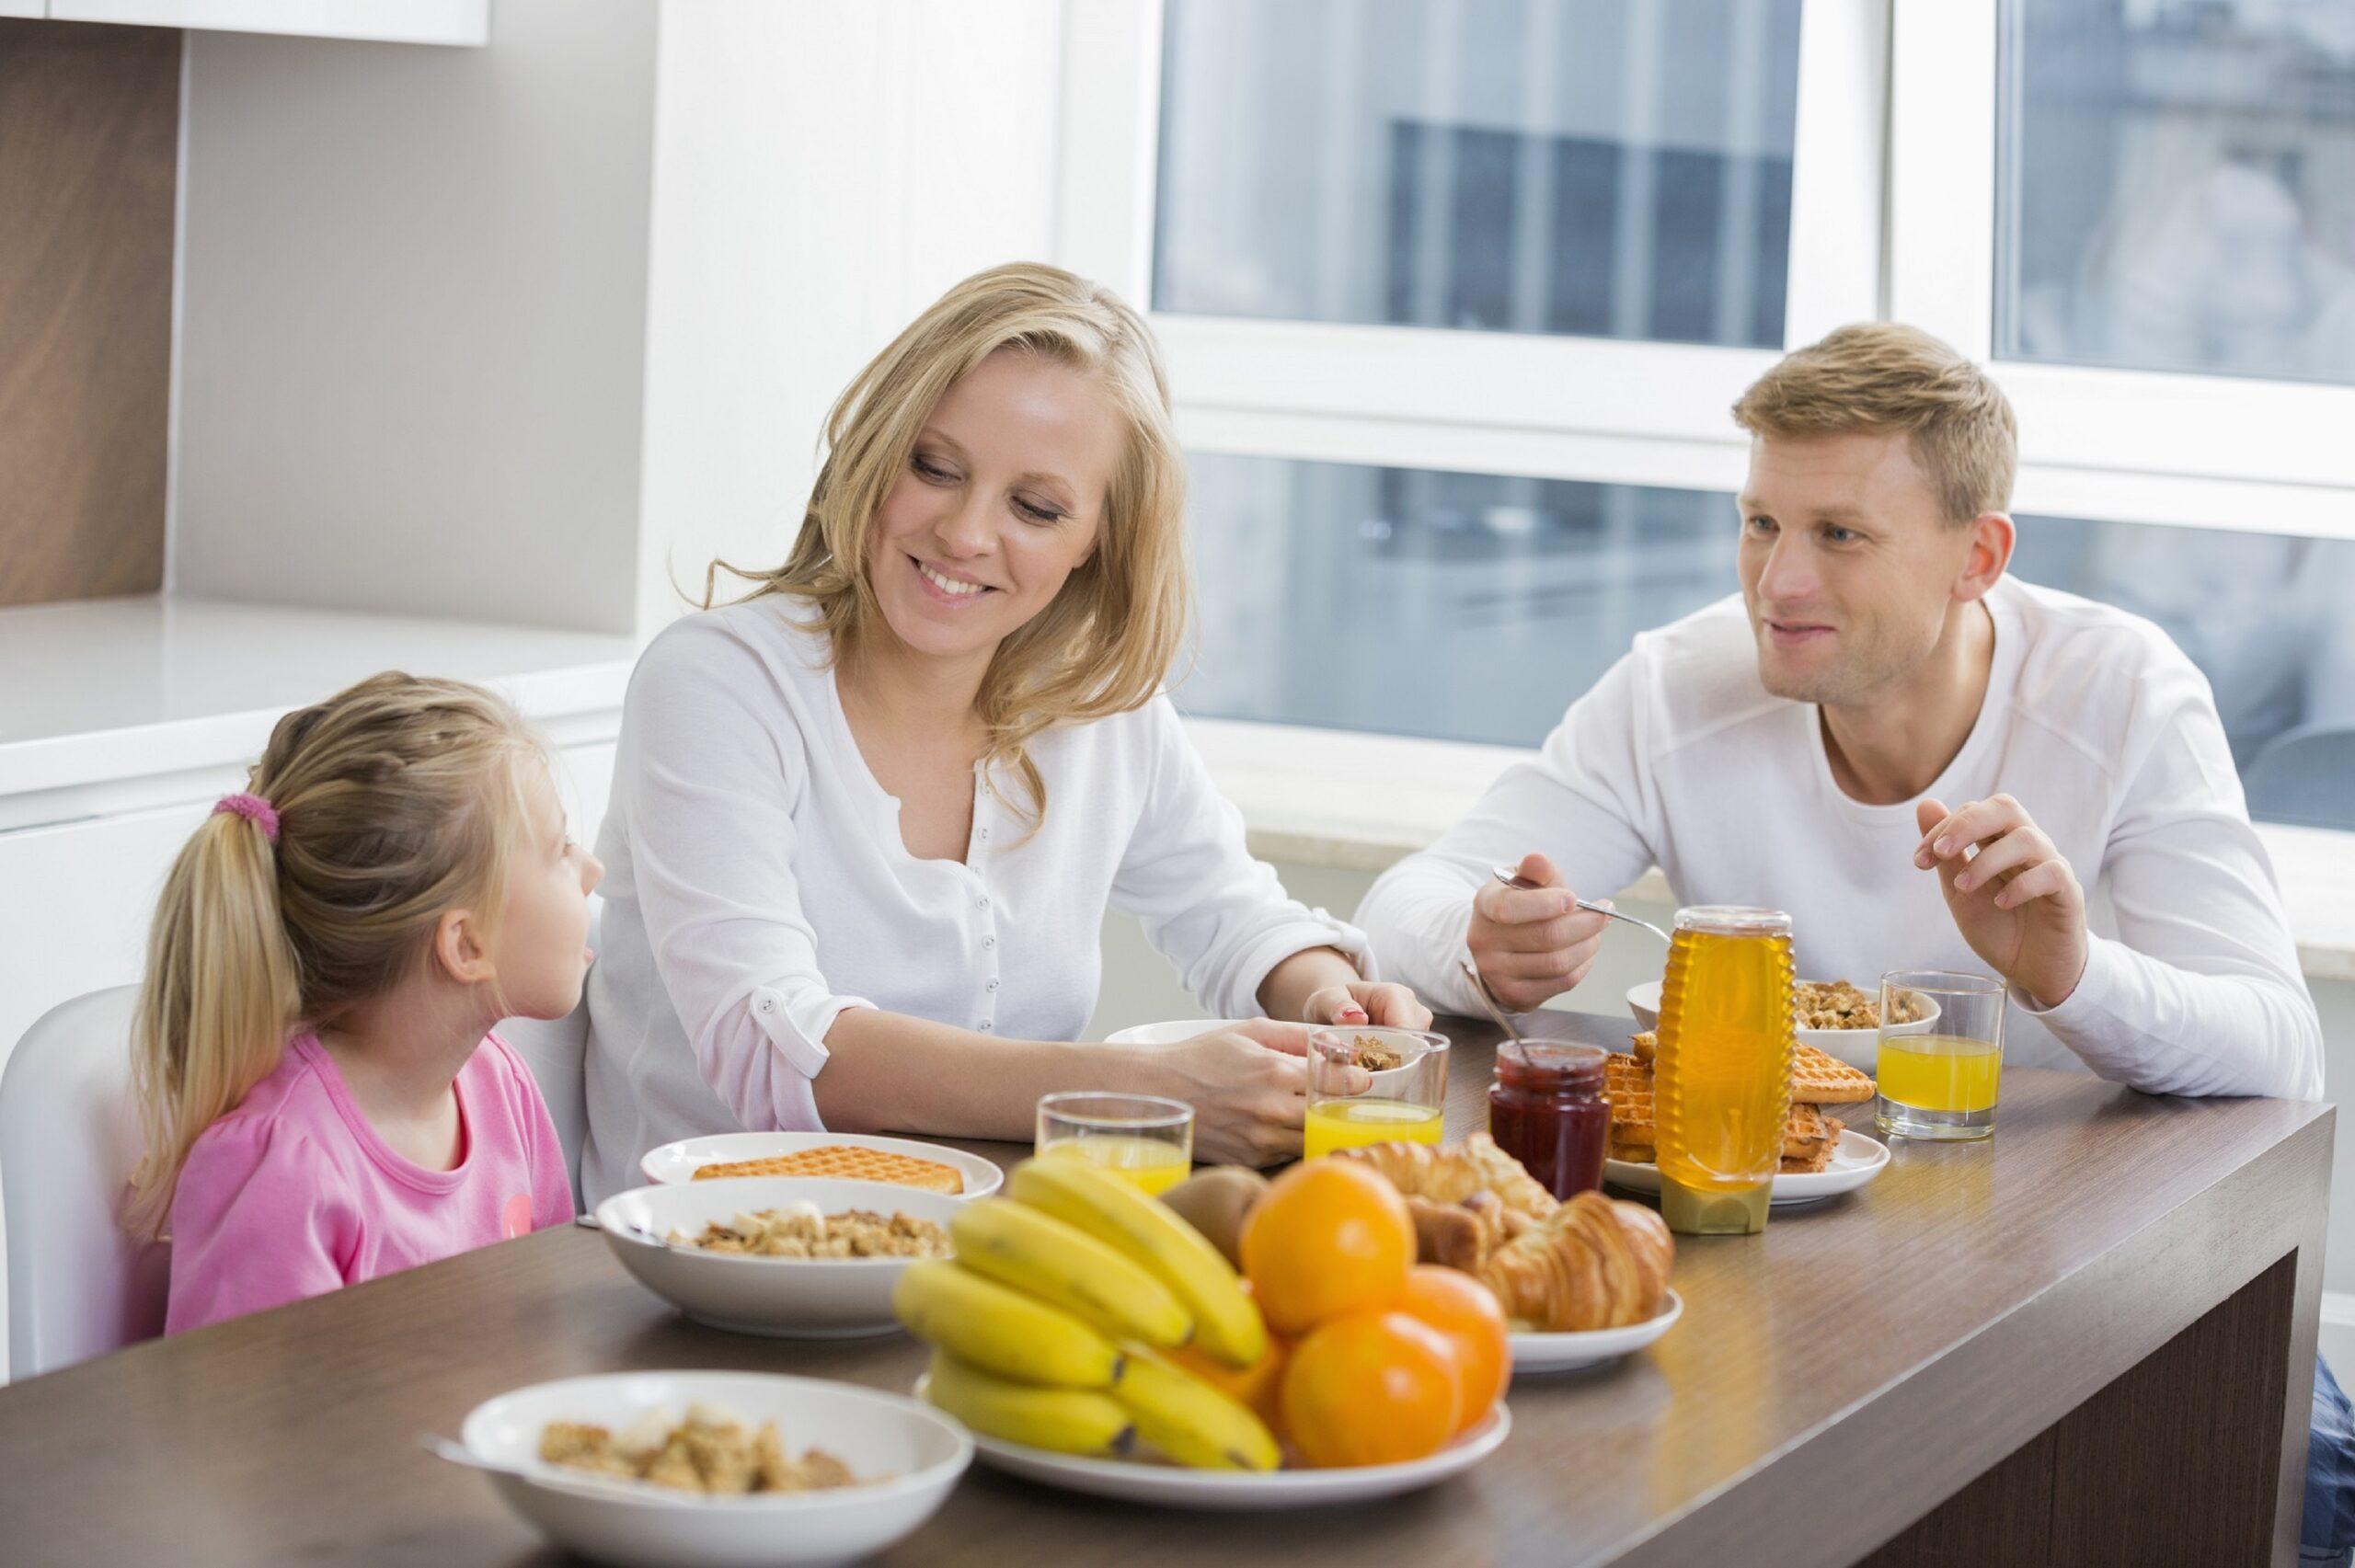 śniadanie podane w zastawie stołowej Ambition